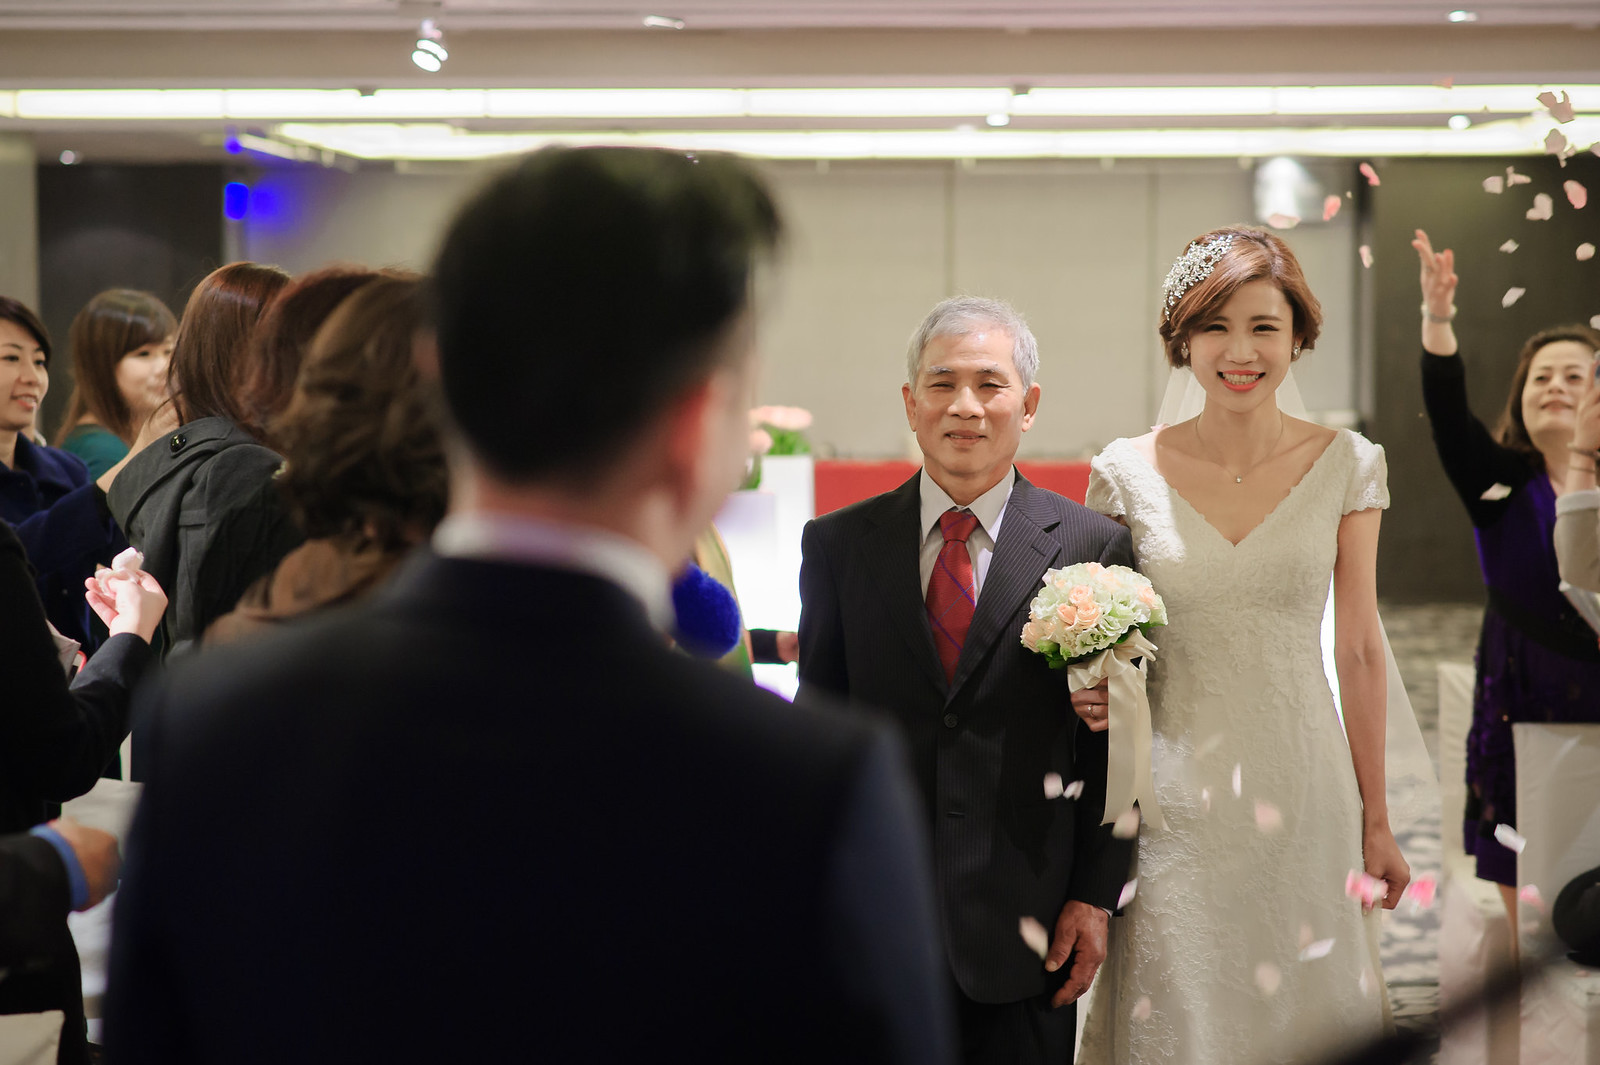 台北婚攝, 婚禮攝影, 婚攝, 婚攝守恆, 婚攝推薦, 晶華酒店, 晶華酒店婚宴, 晶華酒店婚攝-31